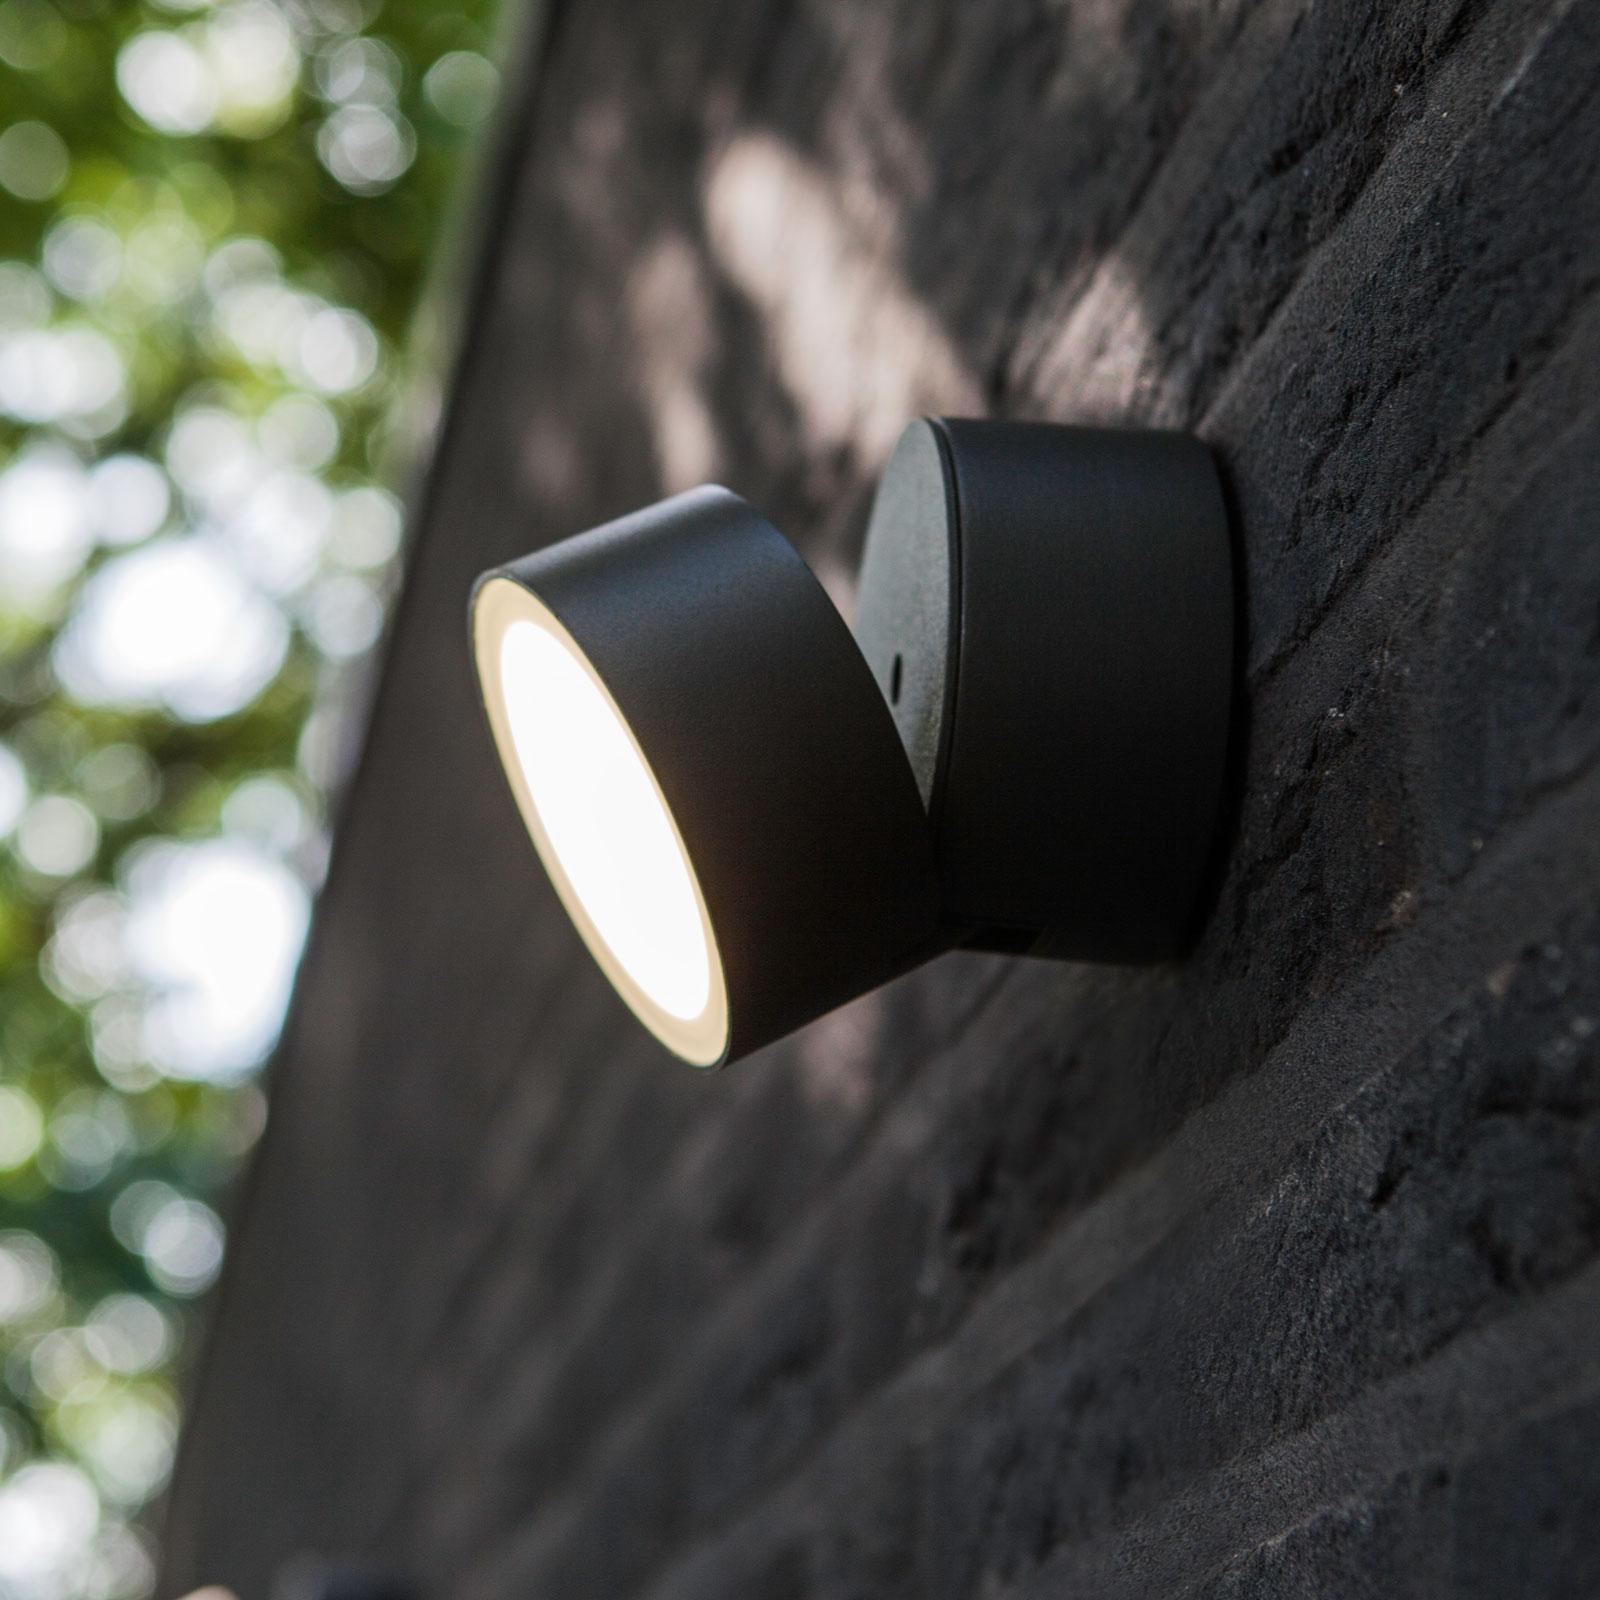 Sklopné vonkajšie nástenné LED svietidlo Trumpet_3006216_1